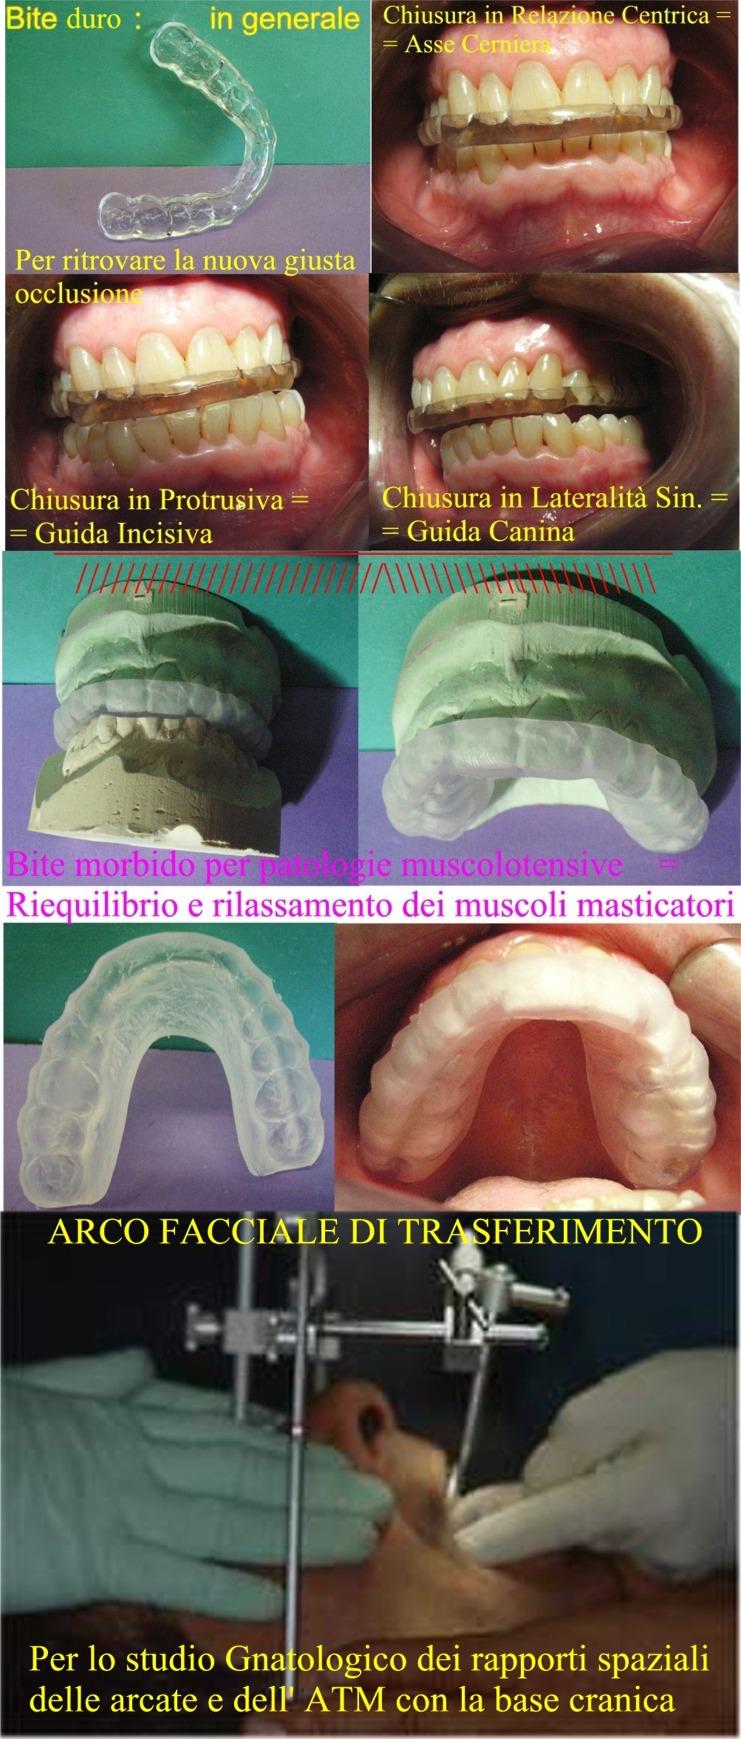 Bite e arco facciale di trasferimento.Dr.Gustavo Petti Cagliari